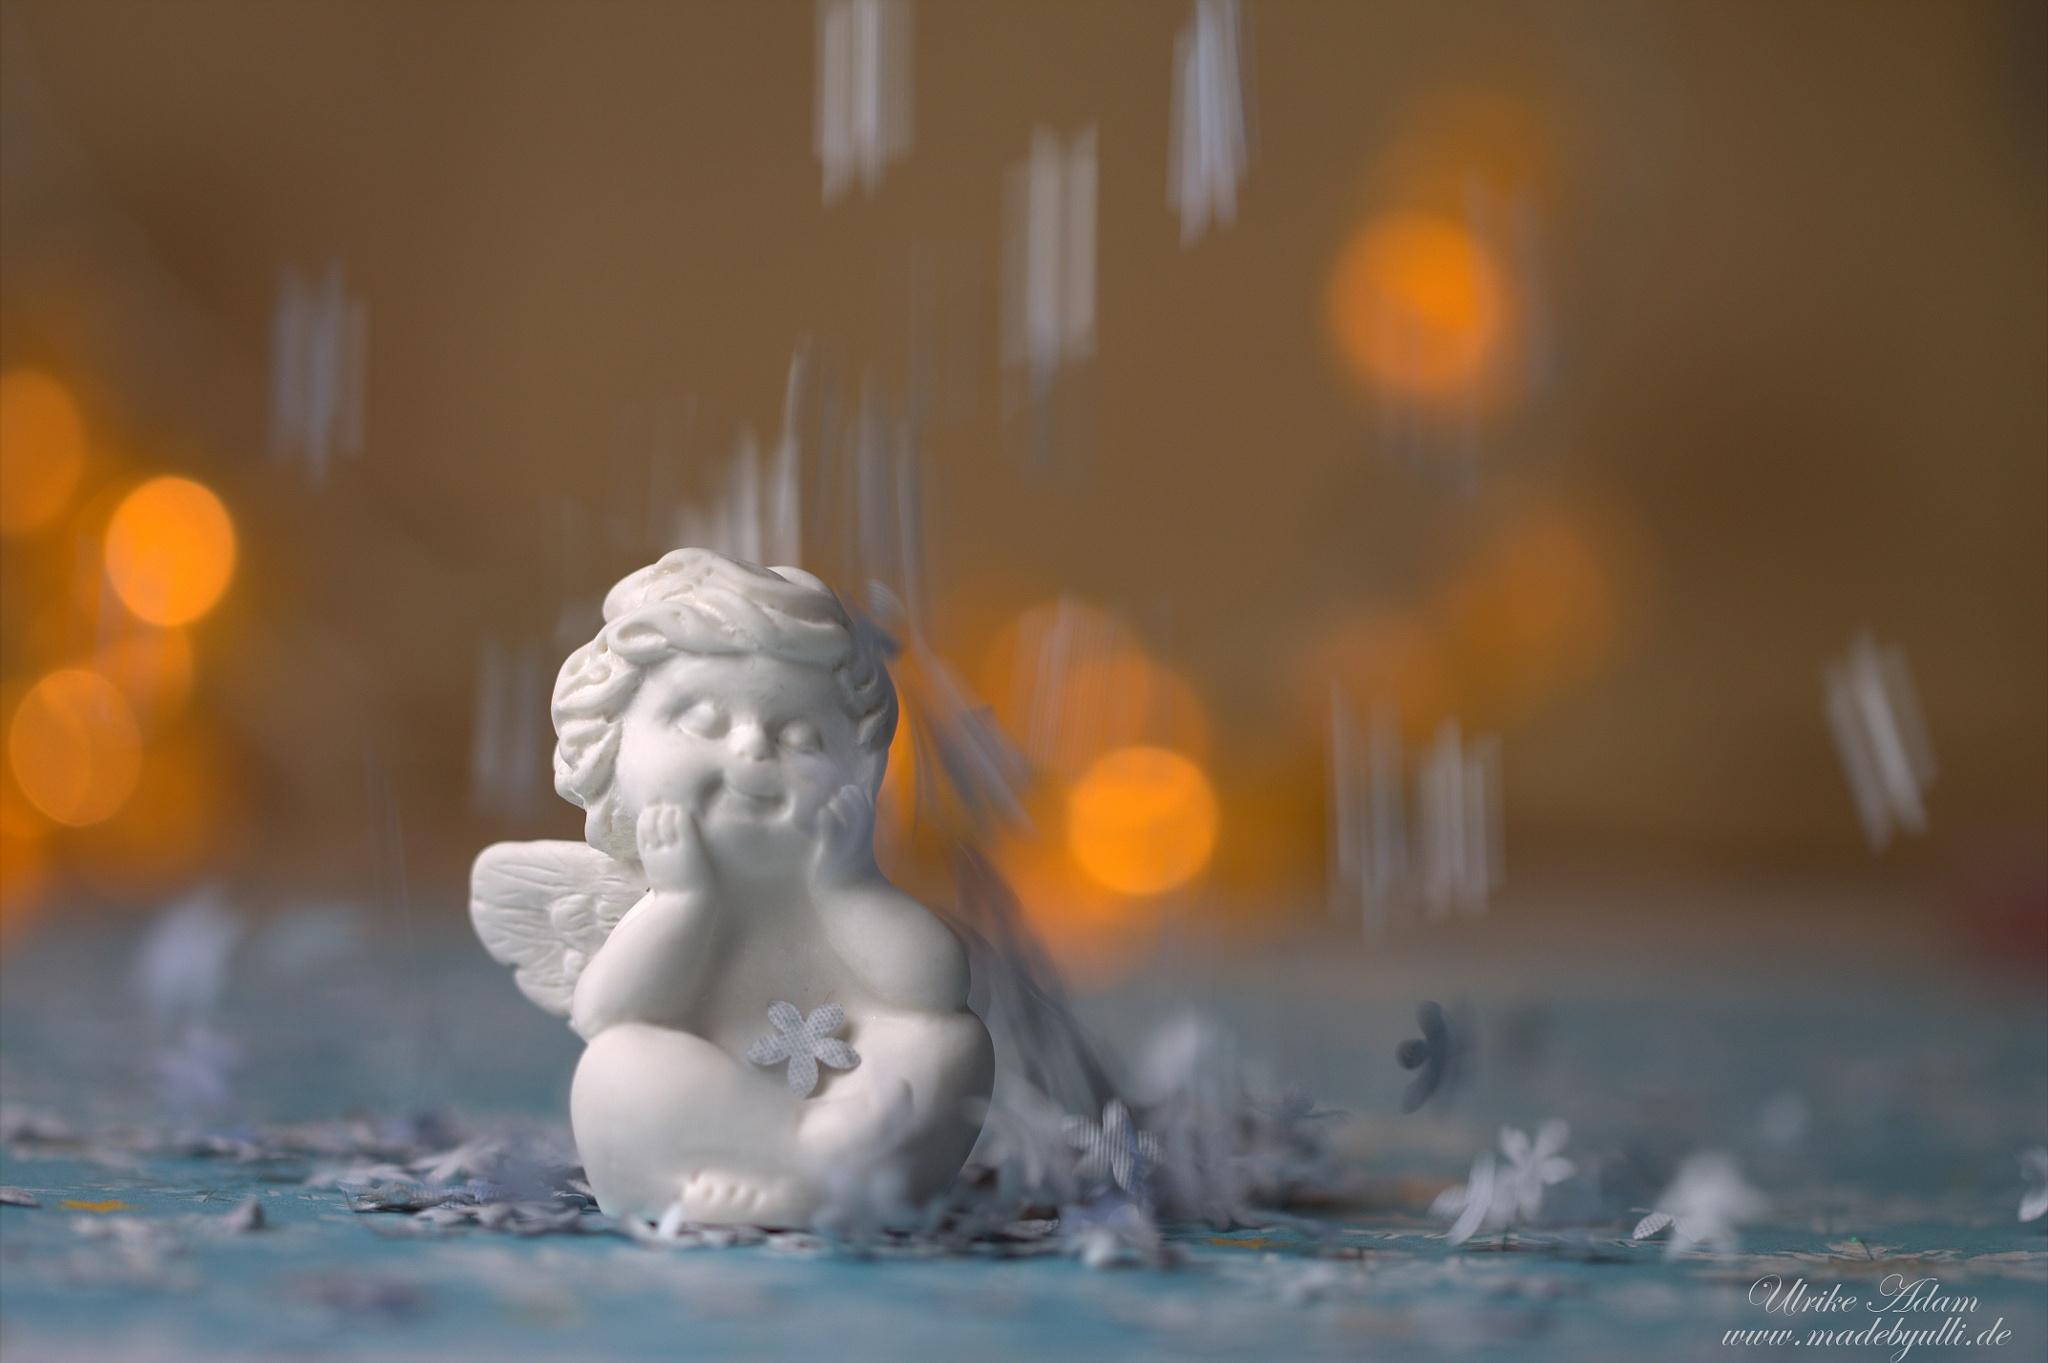 Engel im Schnee by UlrikeAdam